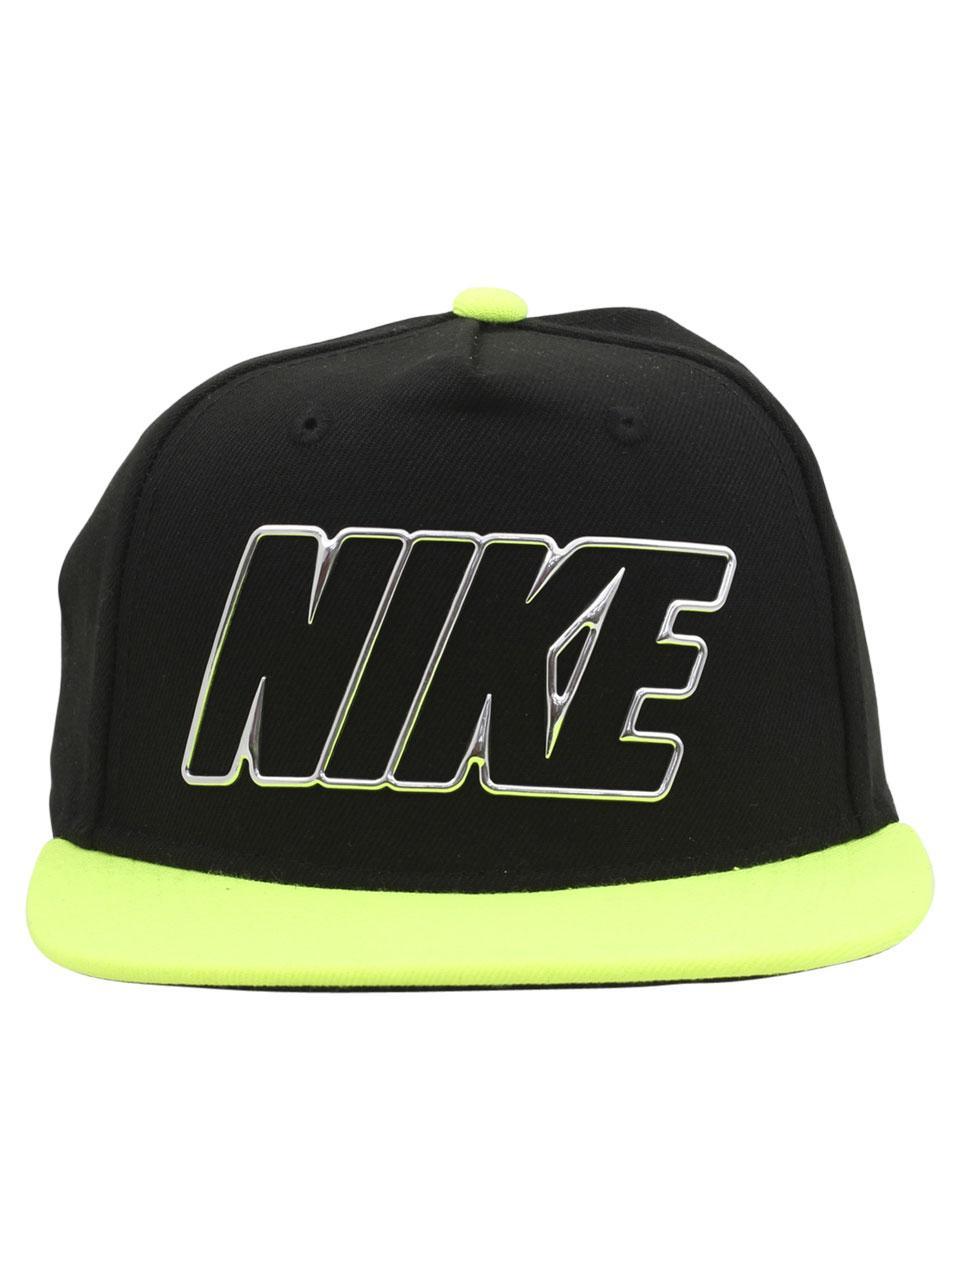 Nike Little Boy s Crystal Club Snapback Baseball Cap Hat 6bcdb301bdad